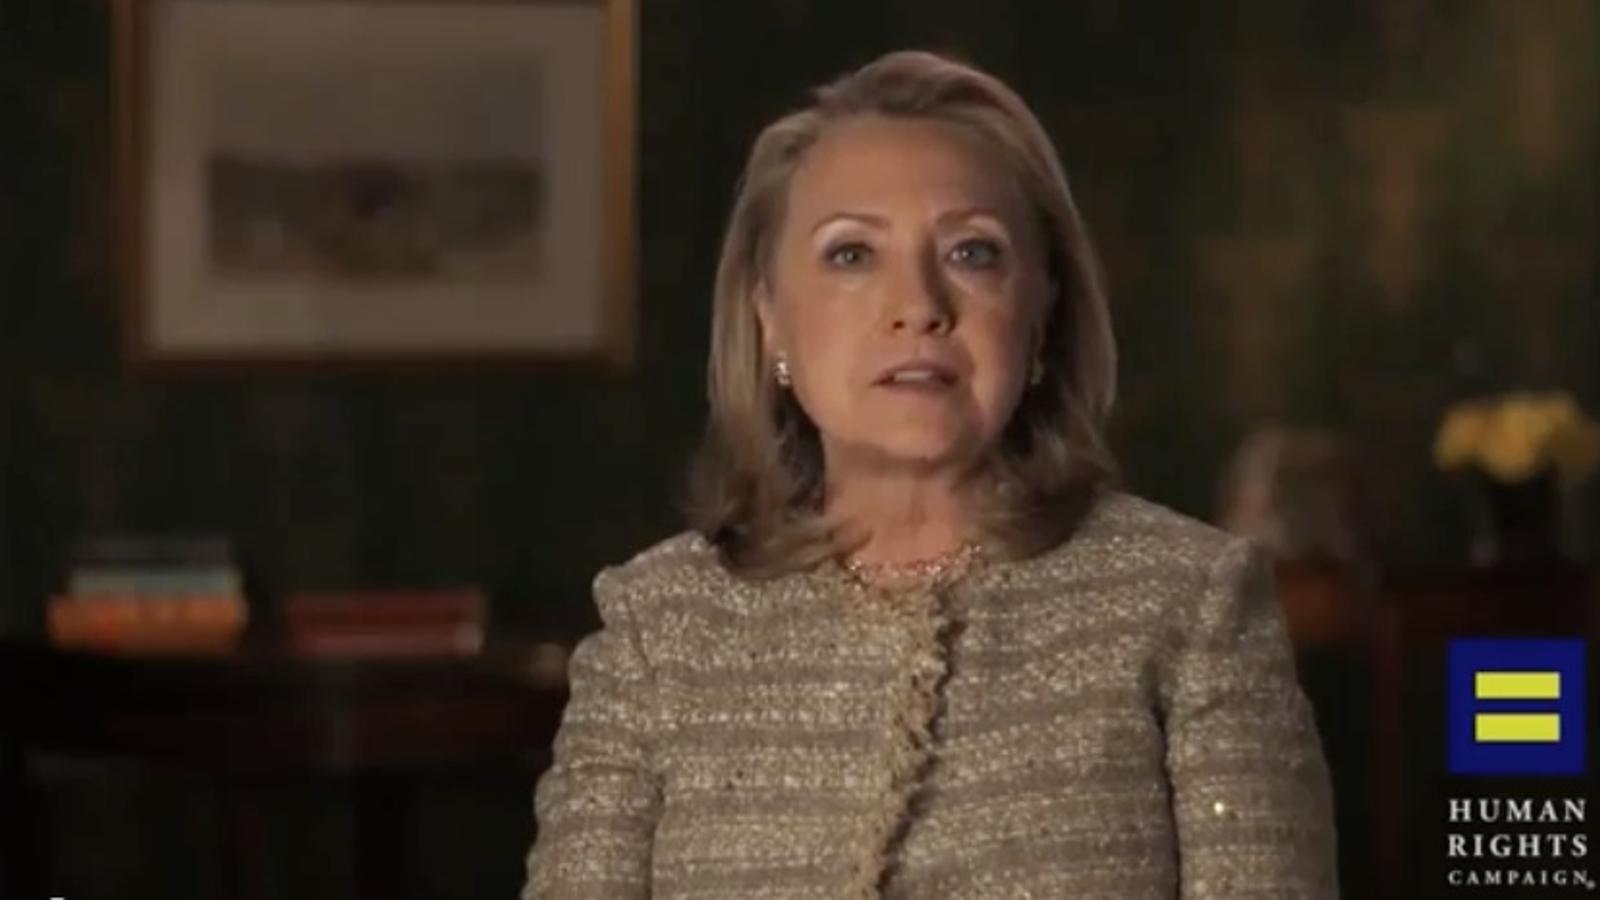 Hillary Clinton canvia d'opinió: ara es mostra favorable al matrimoni gai